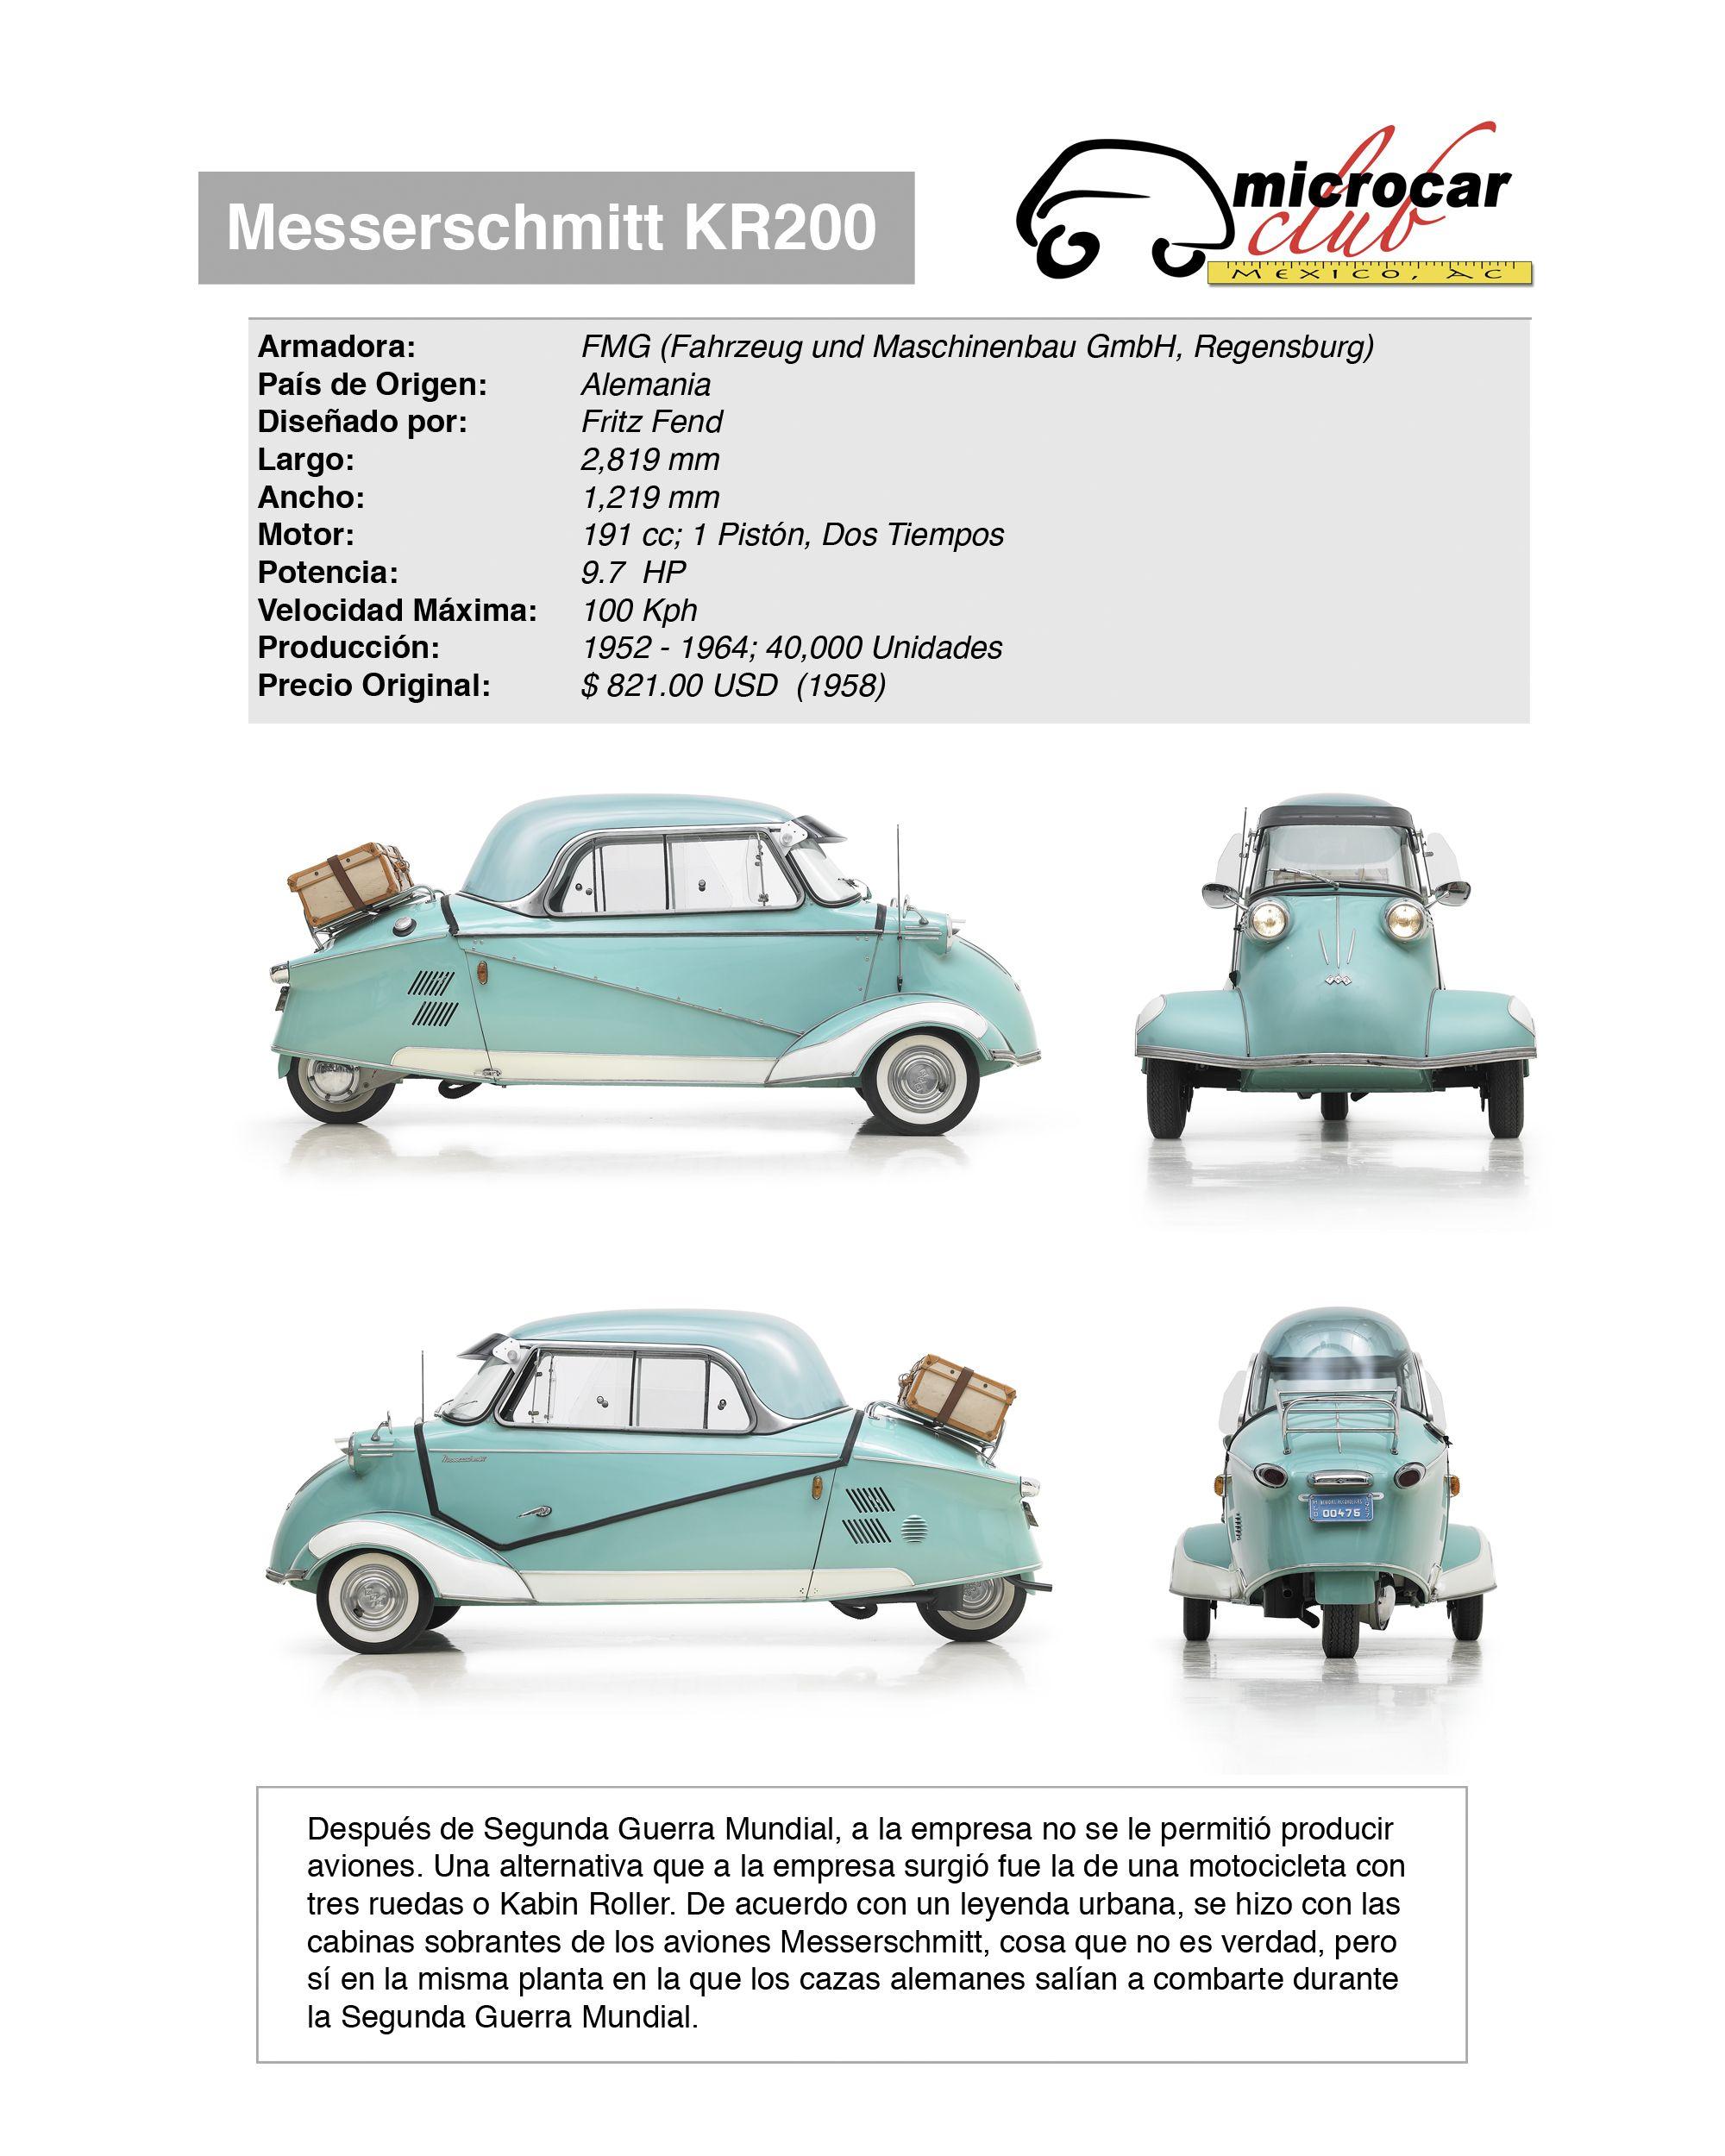 Messerschmitt KR200 1959 | DESIGN- CARS | Pinterest | Reverse trike ...